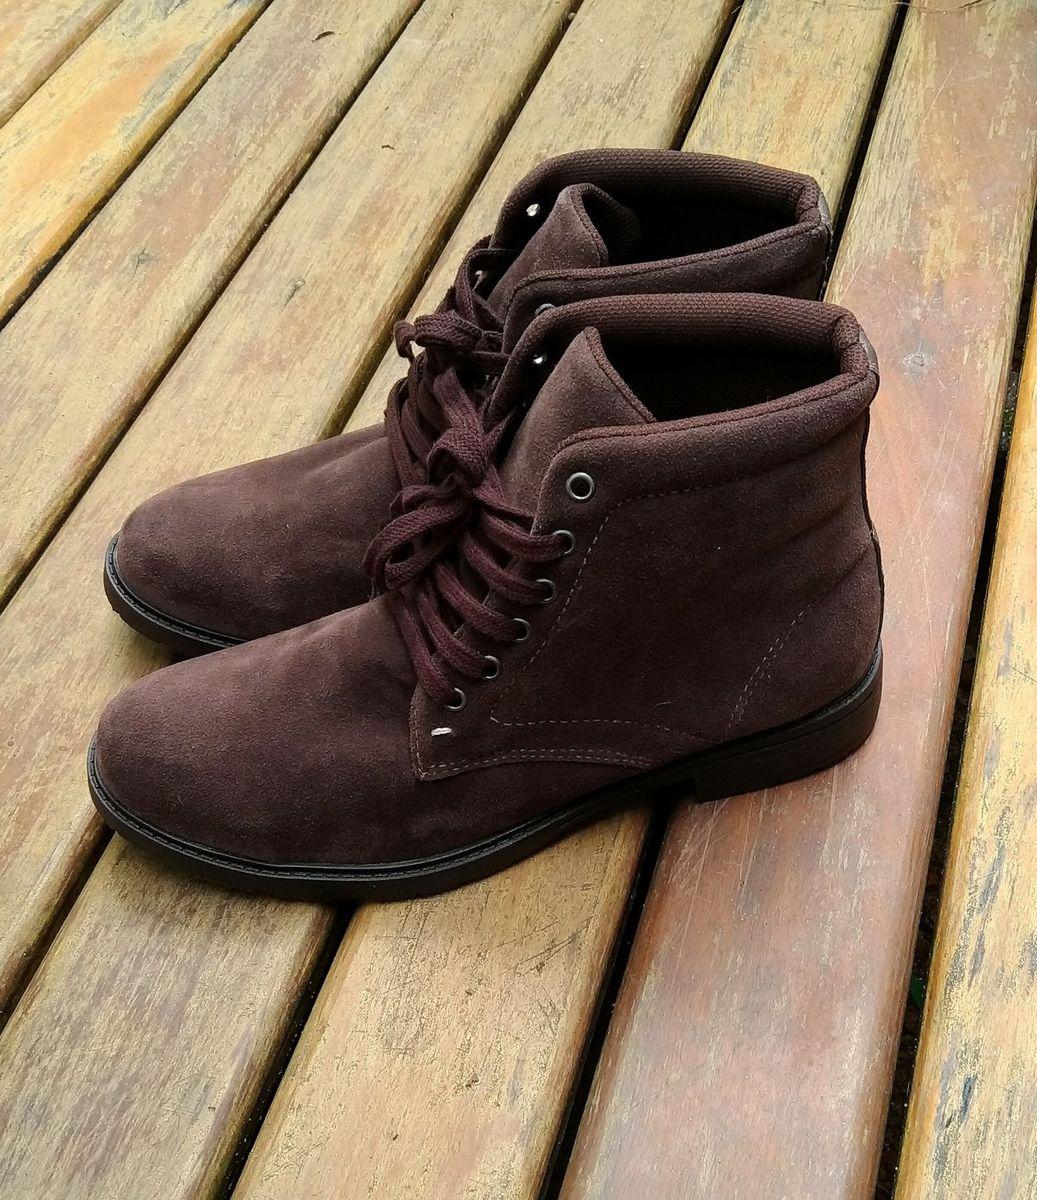 049afc722 bota masculina marrom camurça - botas sem-marca.  Czm6ly9wag90b3muzw5qb2vplmnvbs5ici9wcm9kdwn0cy85ndmyodmvztzknzawnzm3ogfmnziynjrmmzqwngy2ytlizwe5mjguanbn